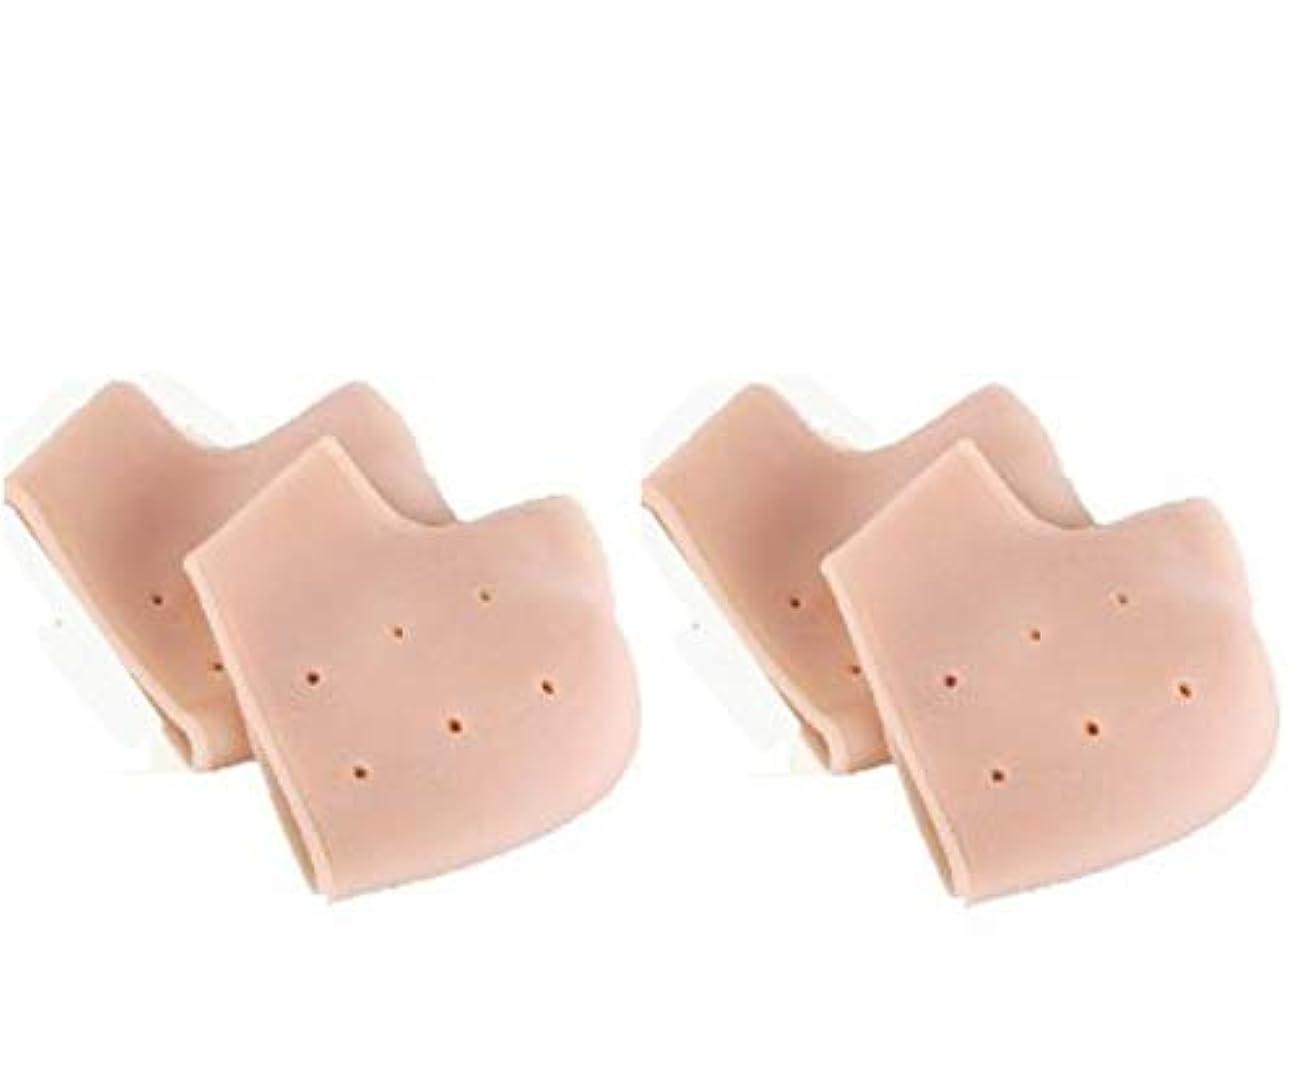 放送ブラウン中級かかと サポーター 保護 ヒビ割れ対策 保湿 靴下 ワセリン クッション シリコン インソール 4個 ケア